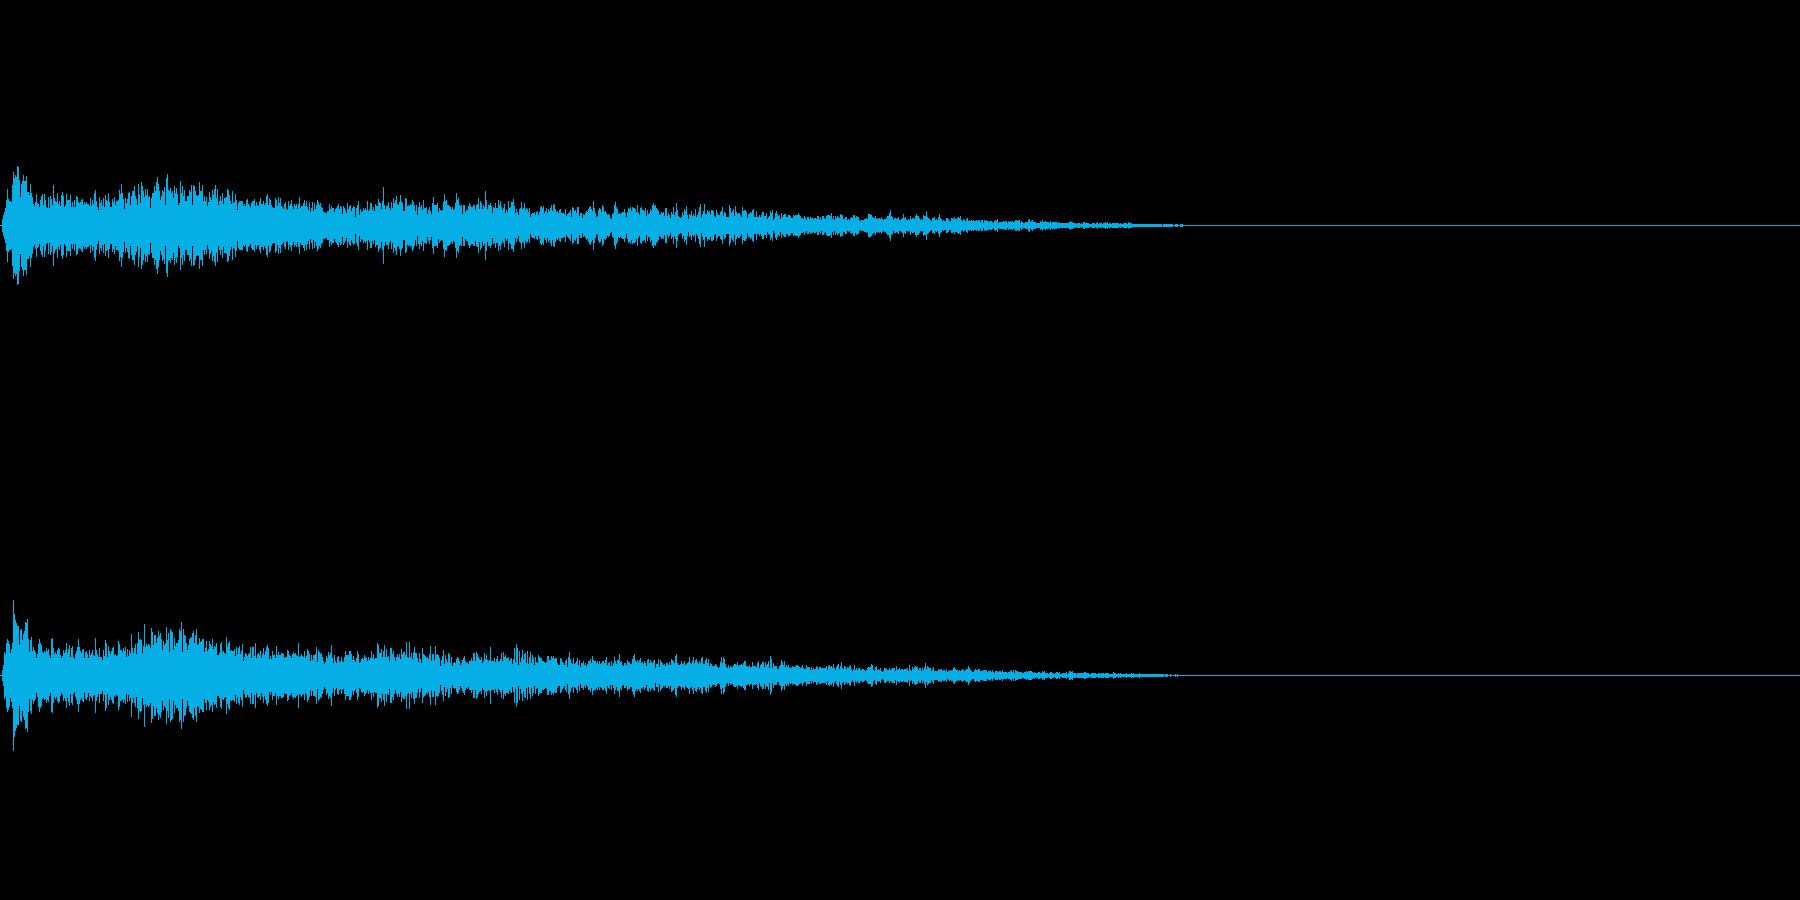 F♯メジャー インパクト音 衝撃音の再生済みの波形